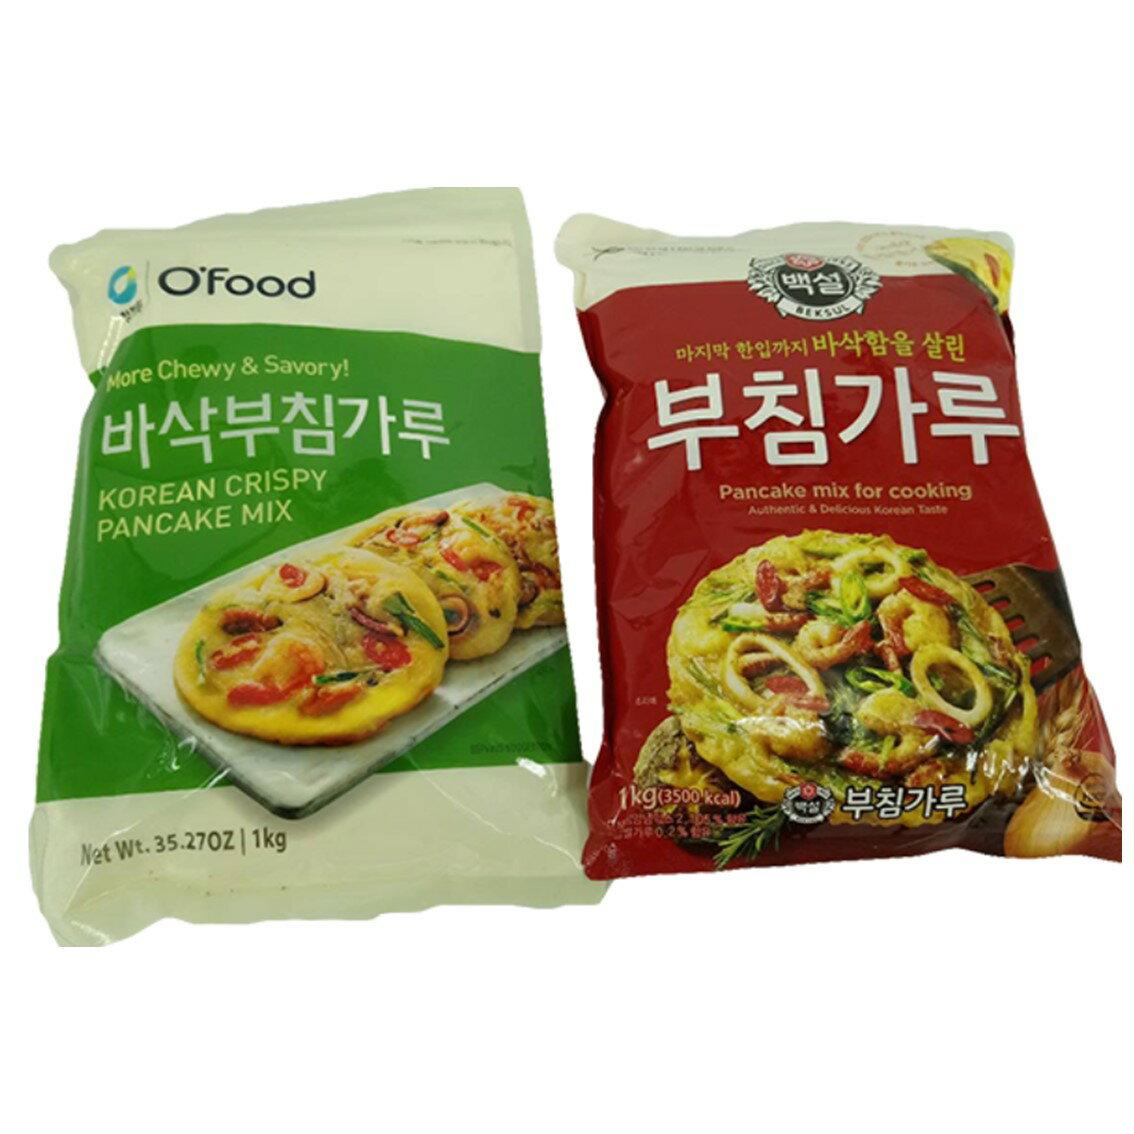 韓國 CJ韓式煎餅粉  大象煎餅粉 海鮮/泡菜煎餅必備